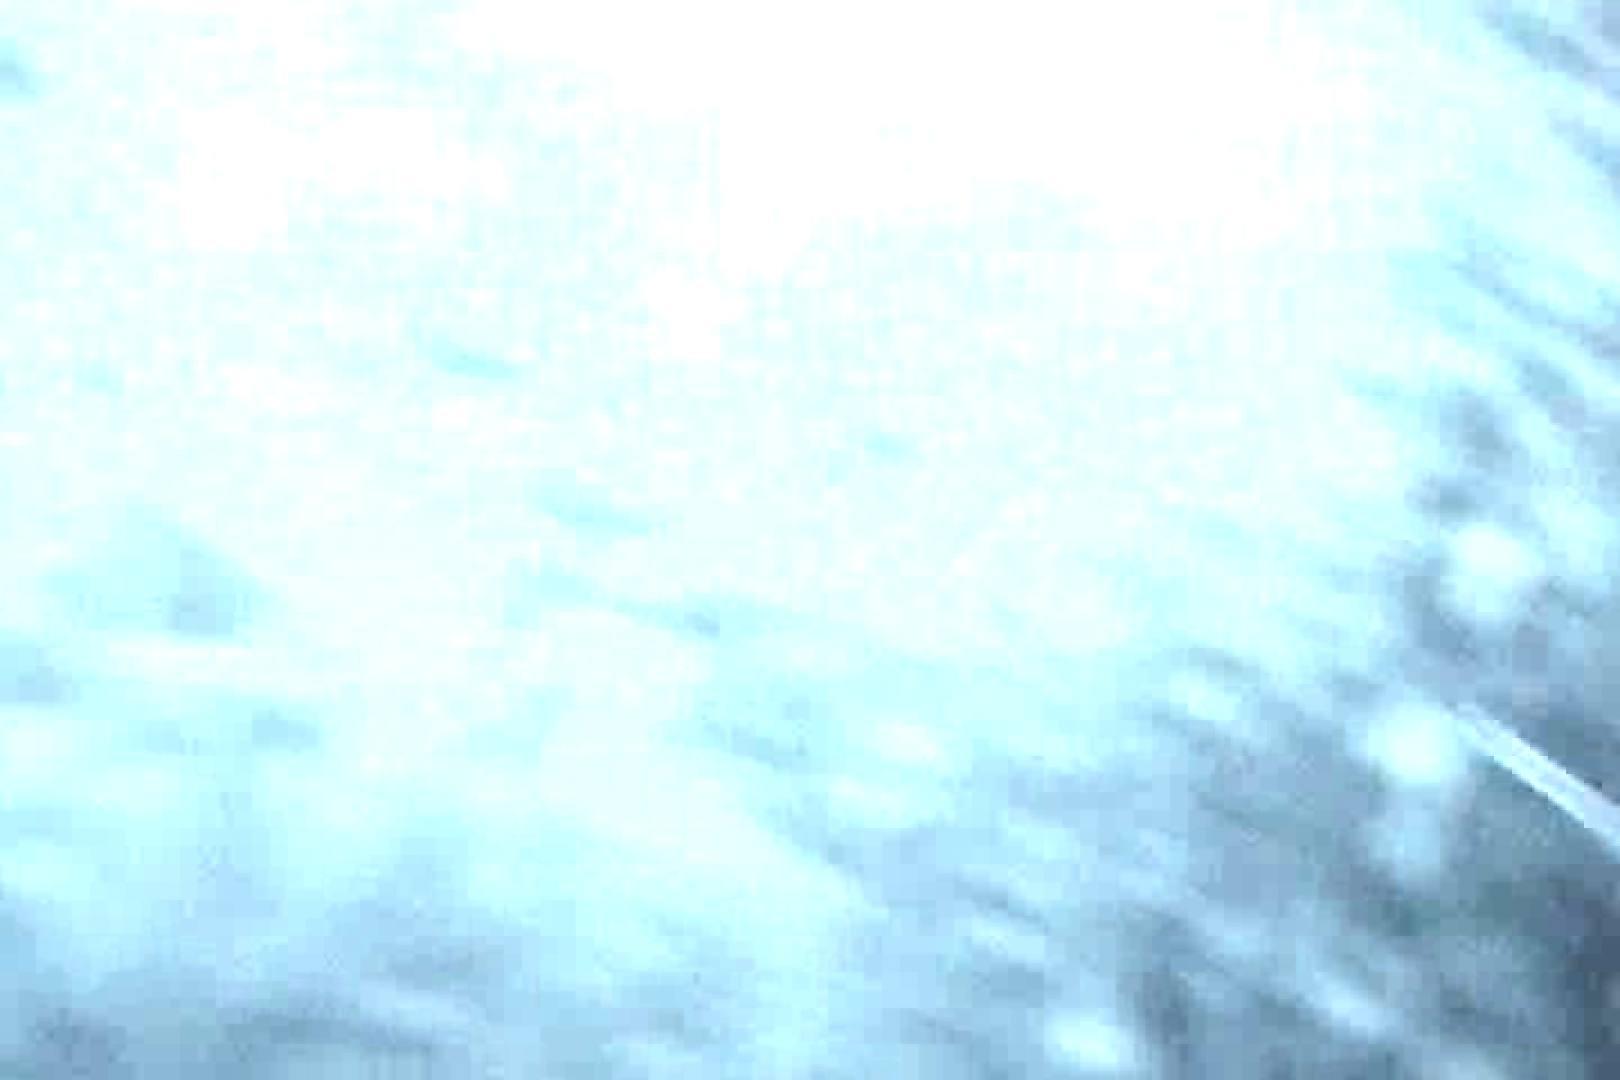 充血監督の深夜の運動会Vol.21 カップル オメコ無修正動画無料 95pic 73